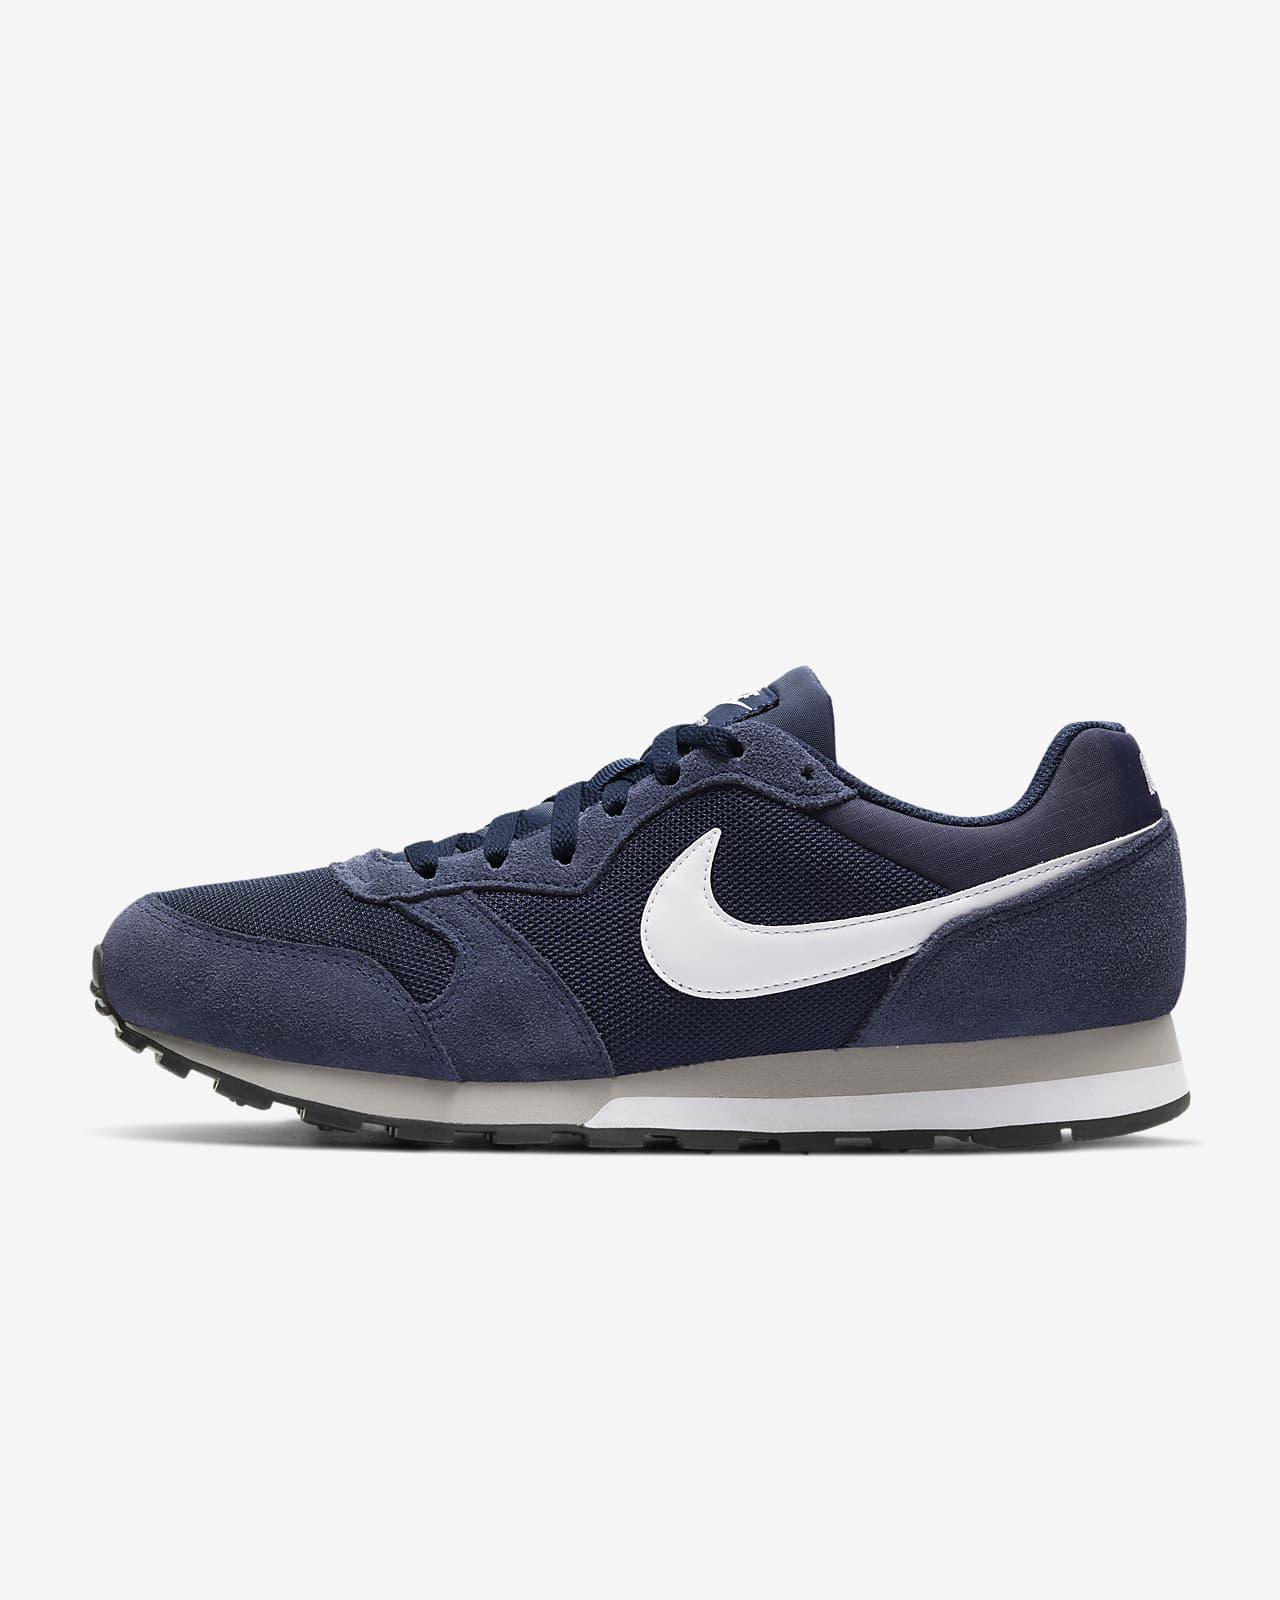 Sapatilhas Nike MD Runner 2 para homem